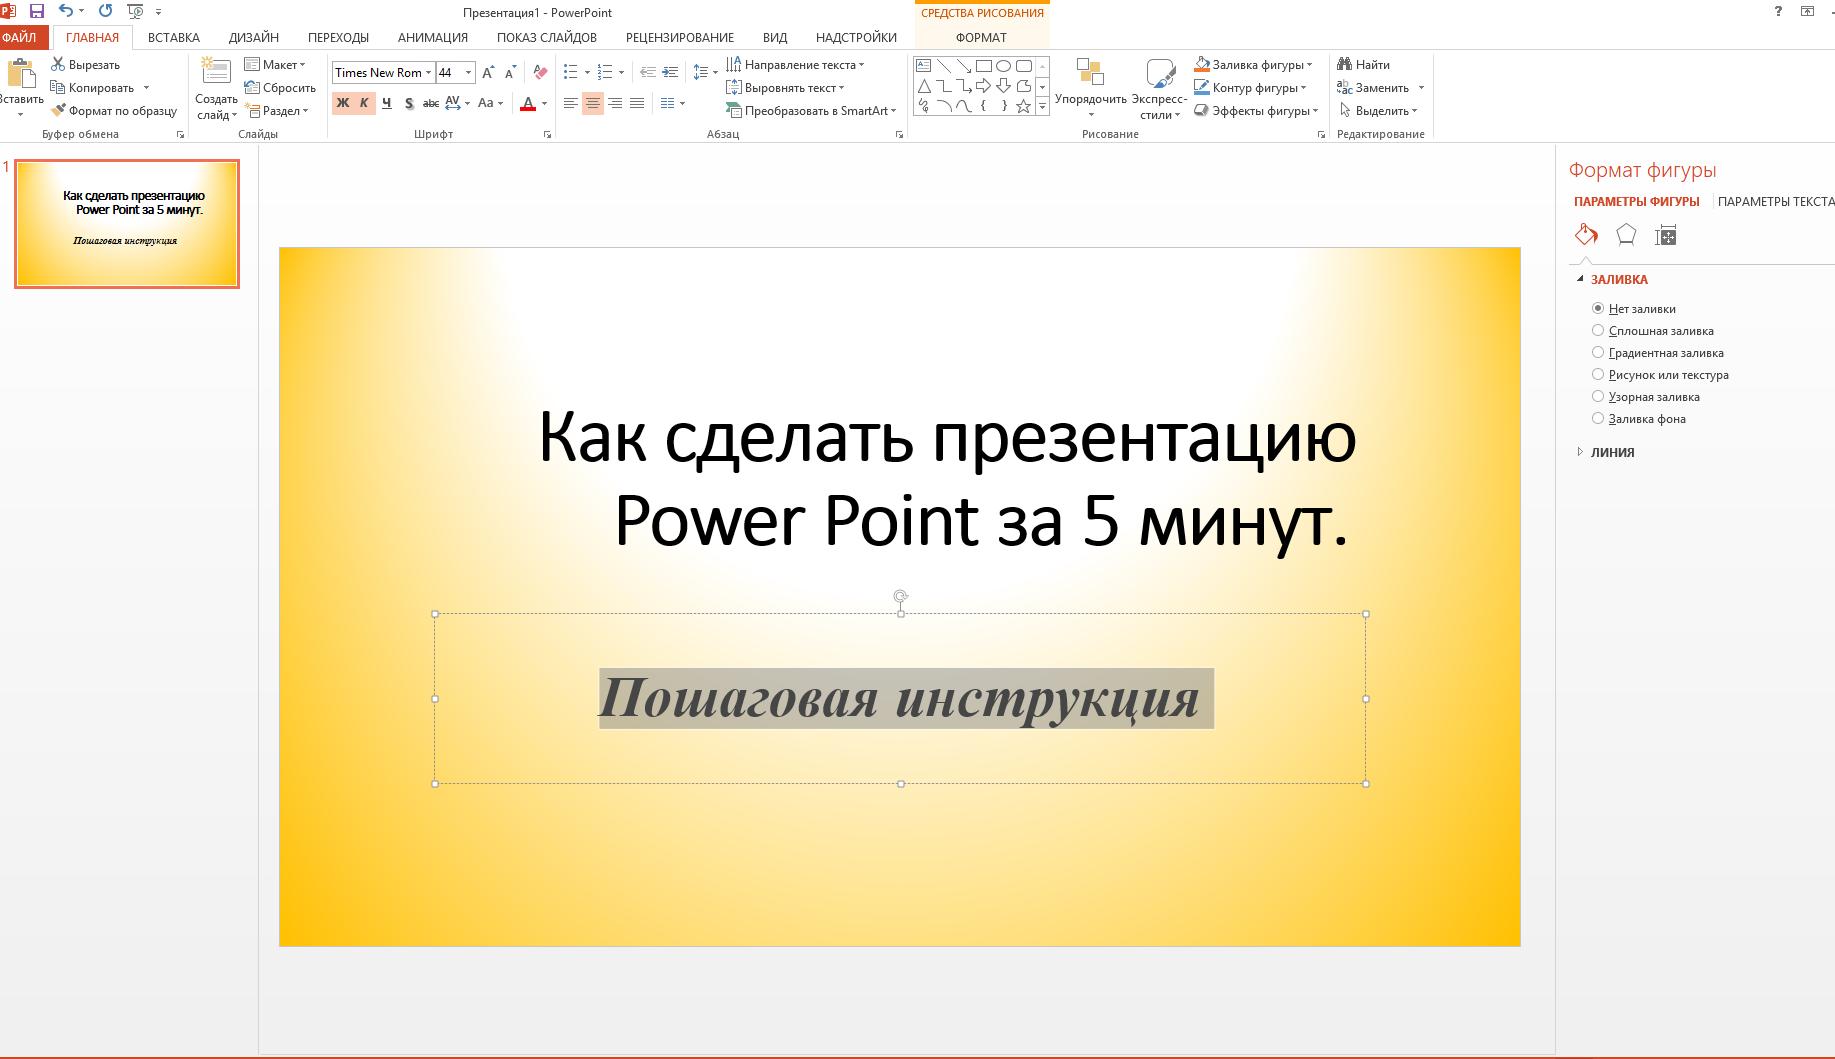 Как в презентации сделать надпись на картинке